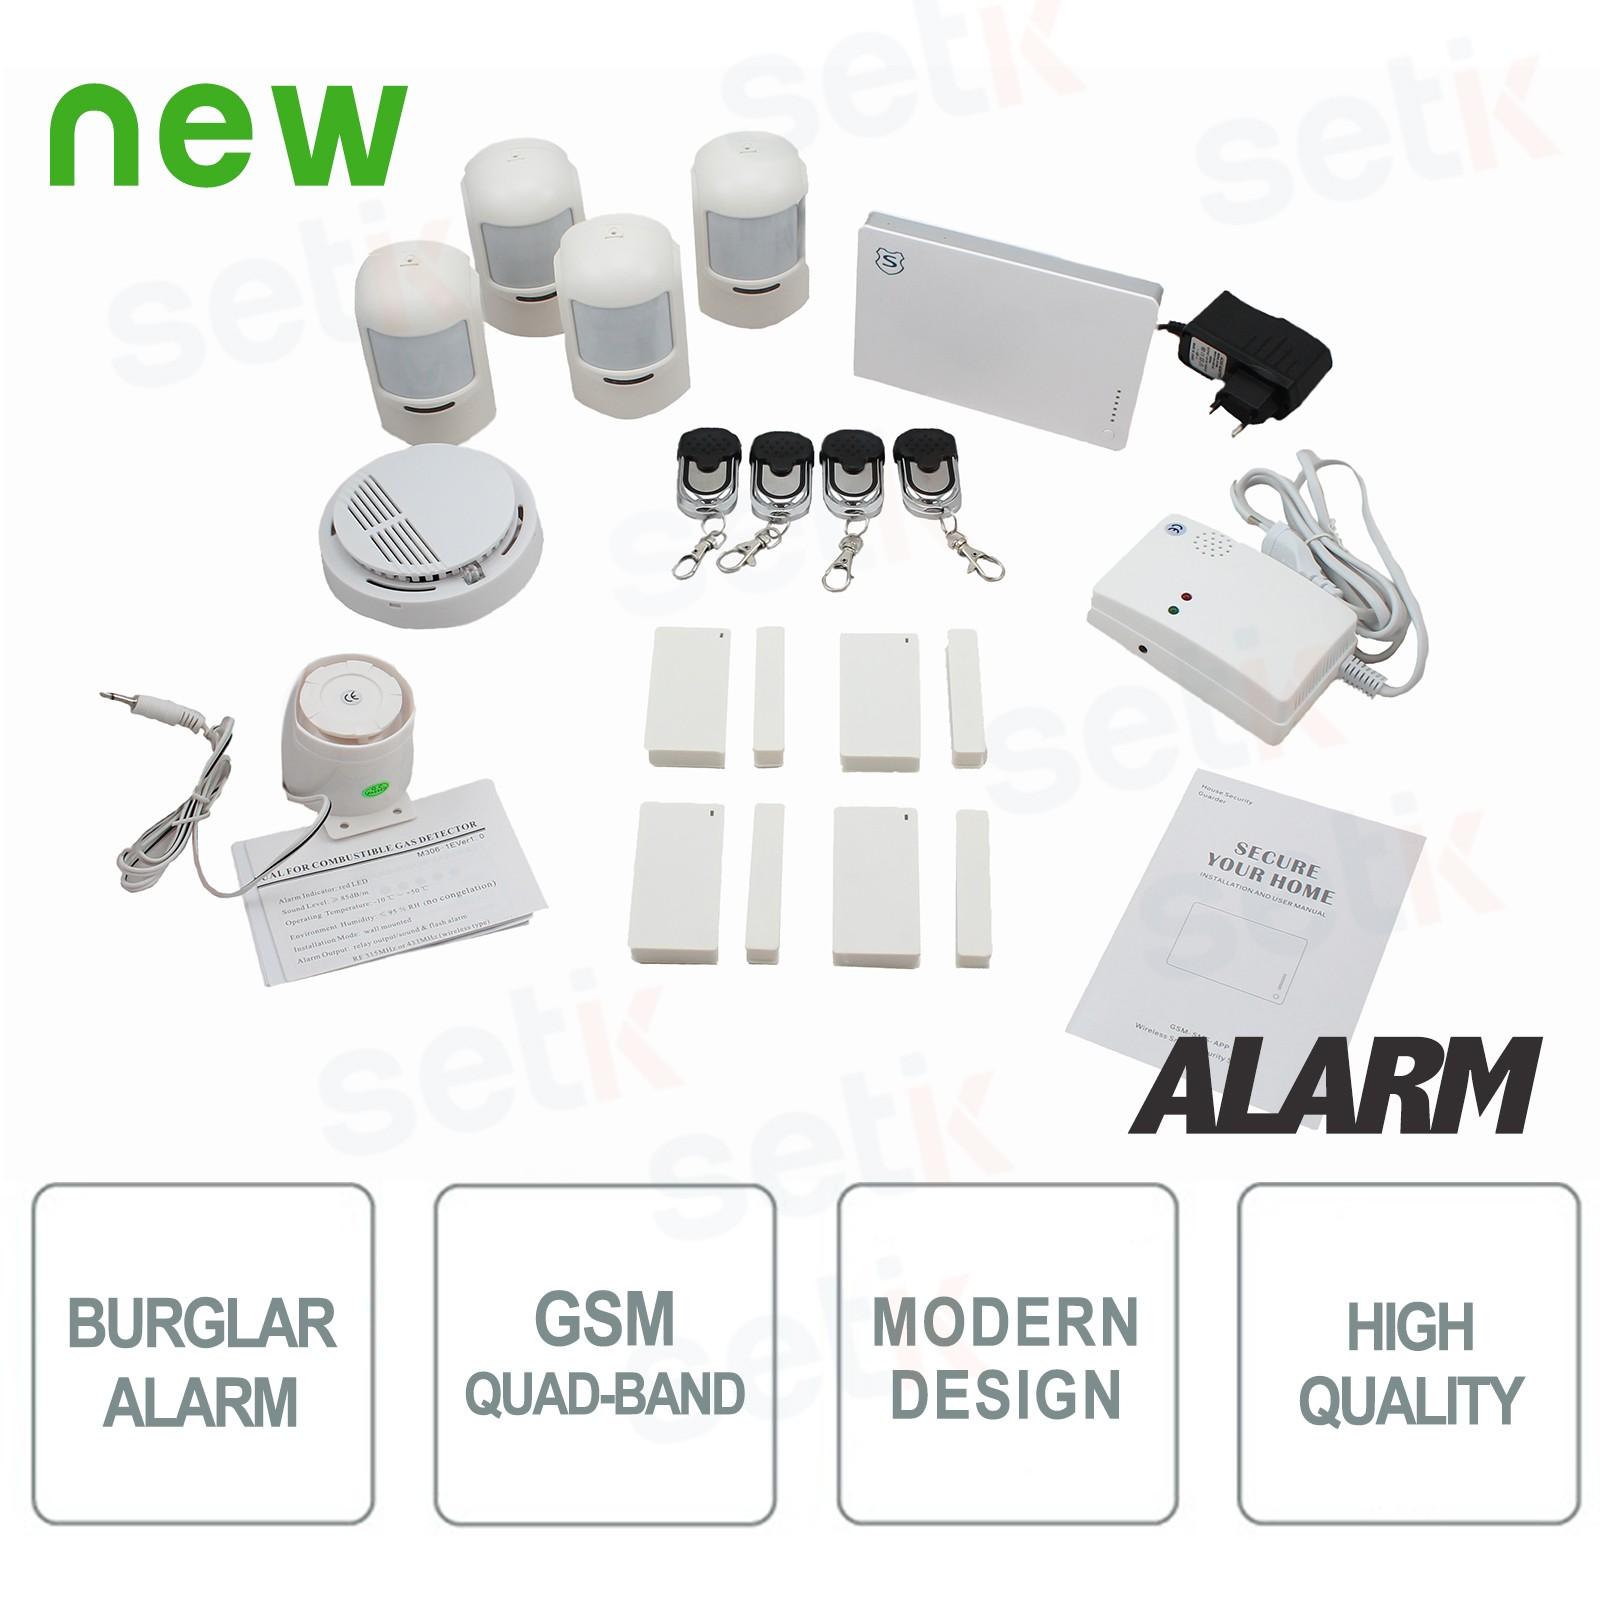 al kit4w gen1 antivol alarme pour la maison sans fil complet gsm setik prix - Installer Une Alarme Maison